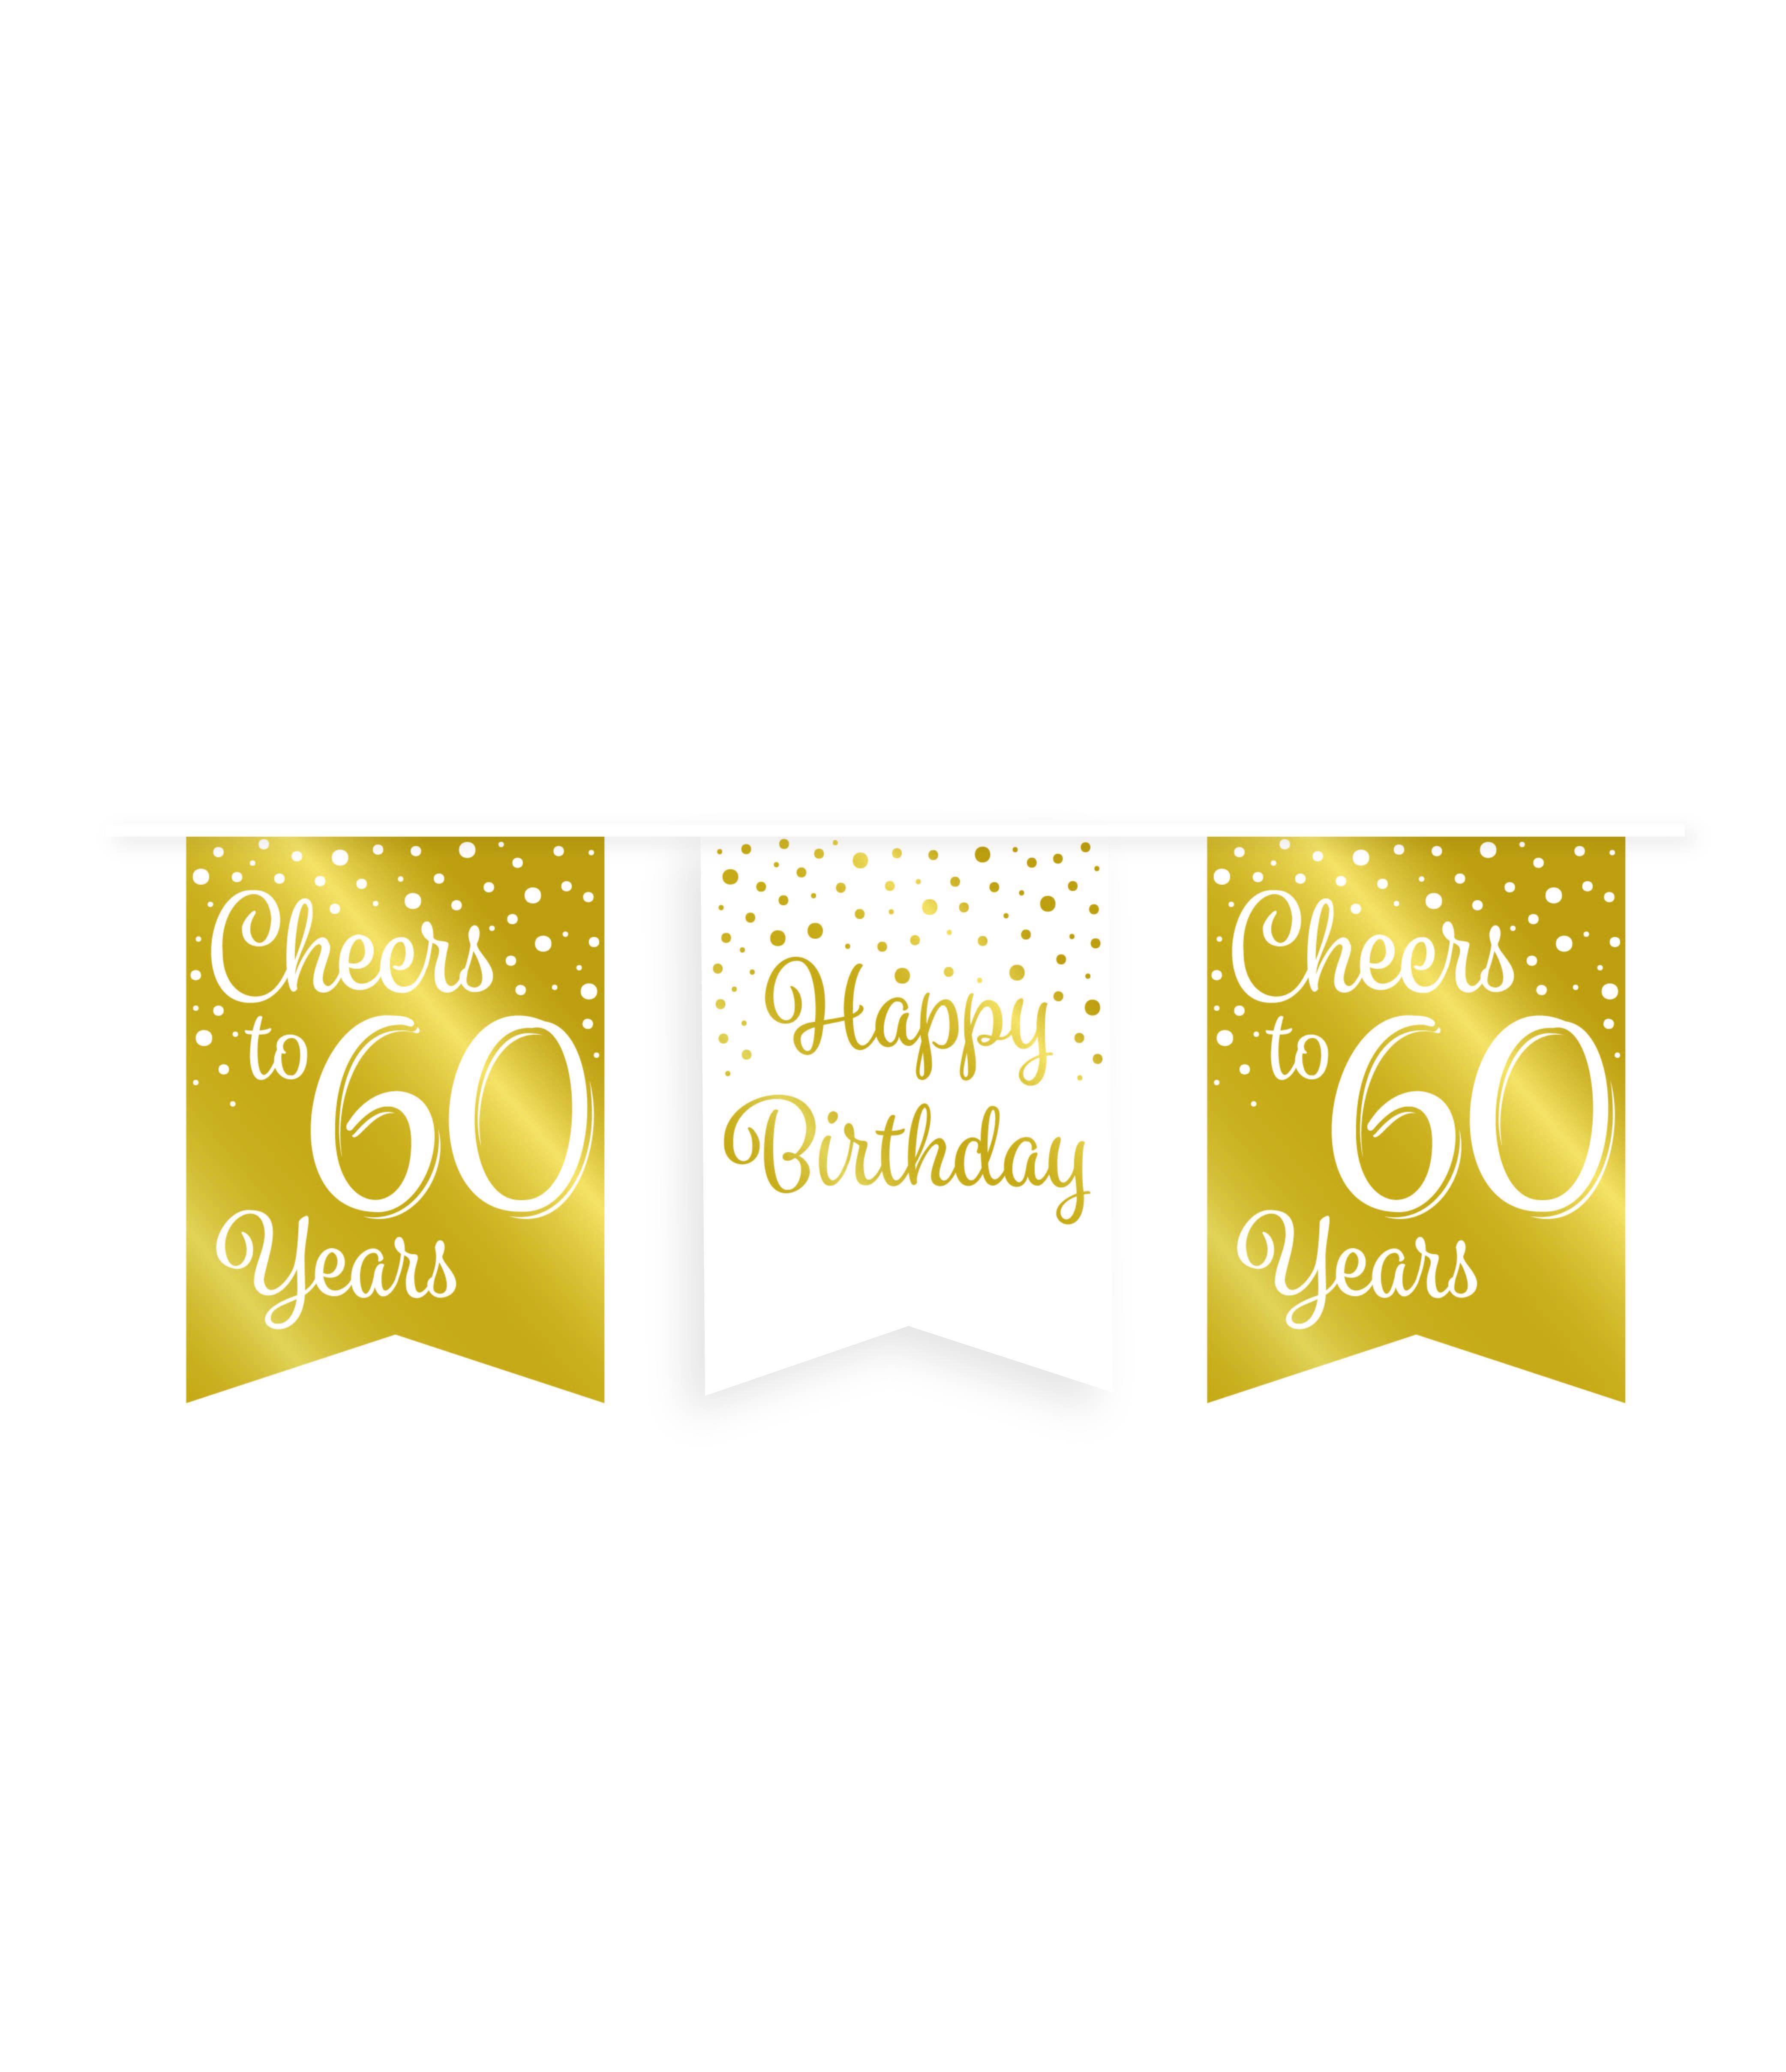 6m Vlaggenlijn Goud/Wit Cheers to 60 Years